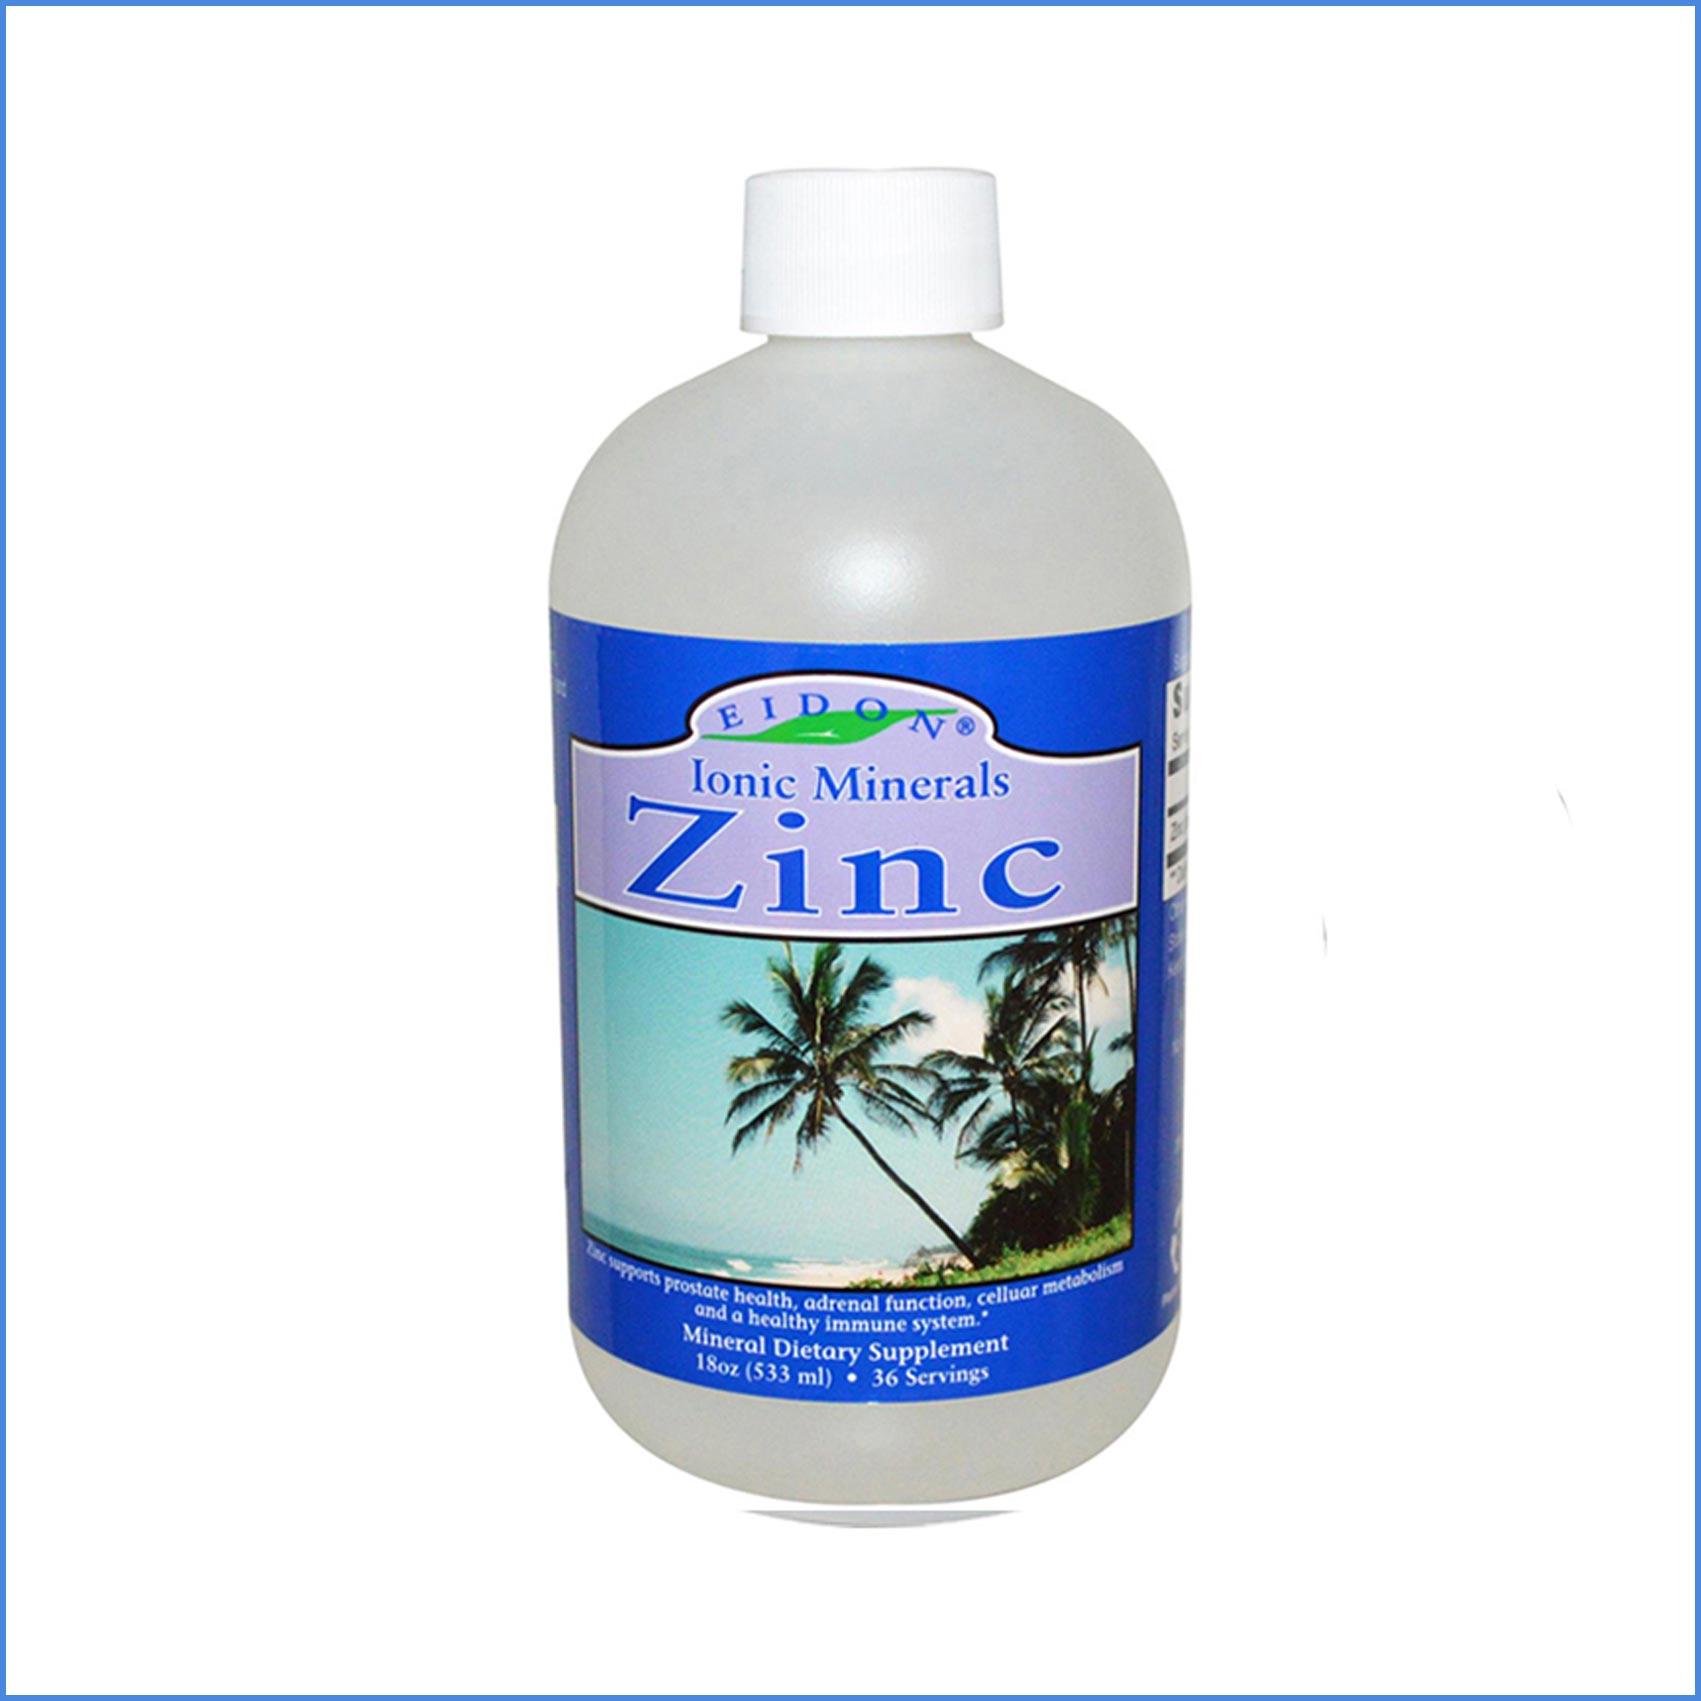 Zinc Liquid Eidon